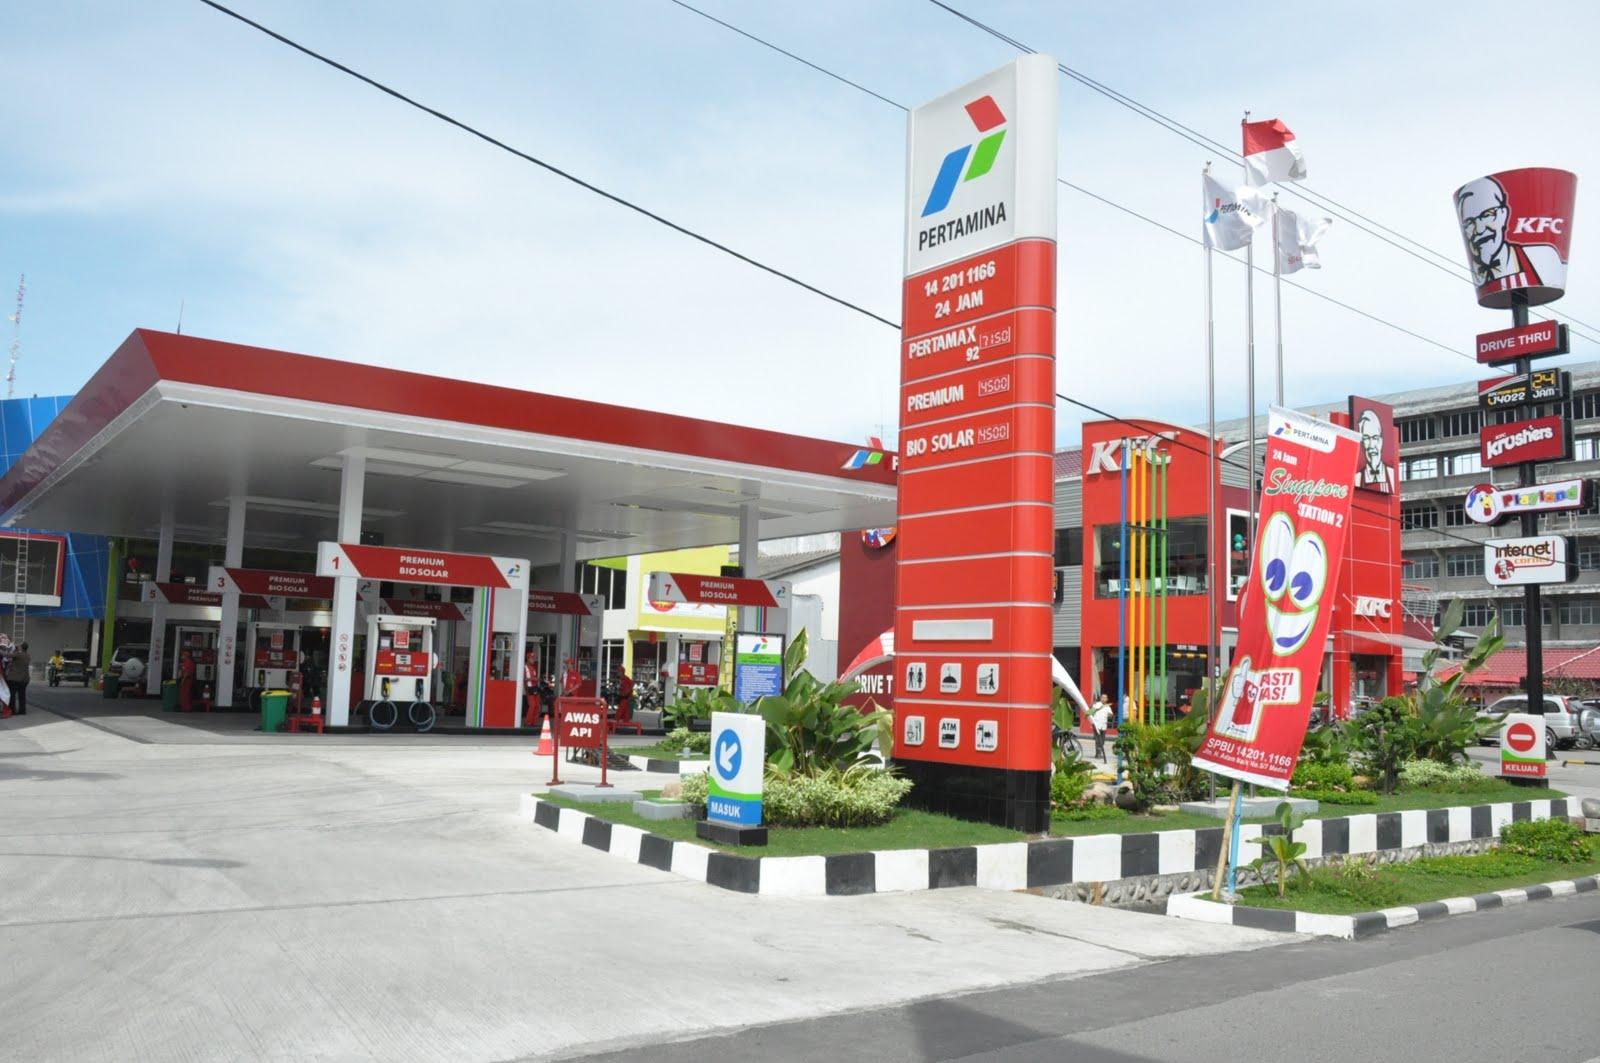 Pertamina Indonesia